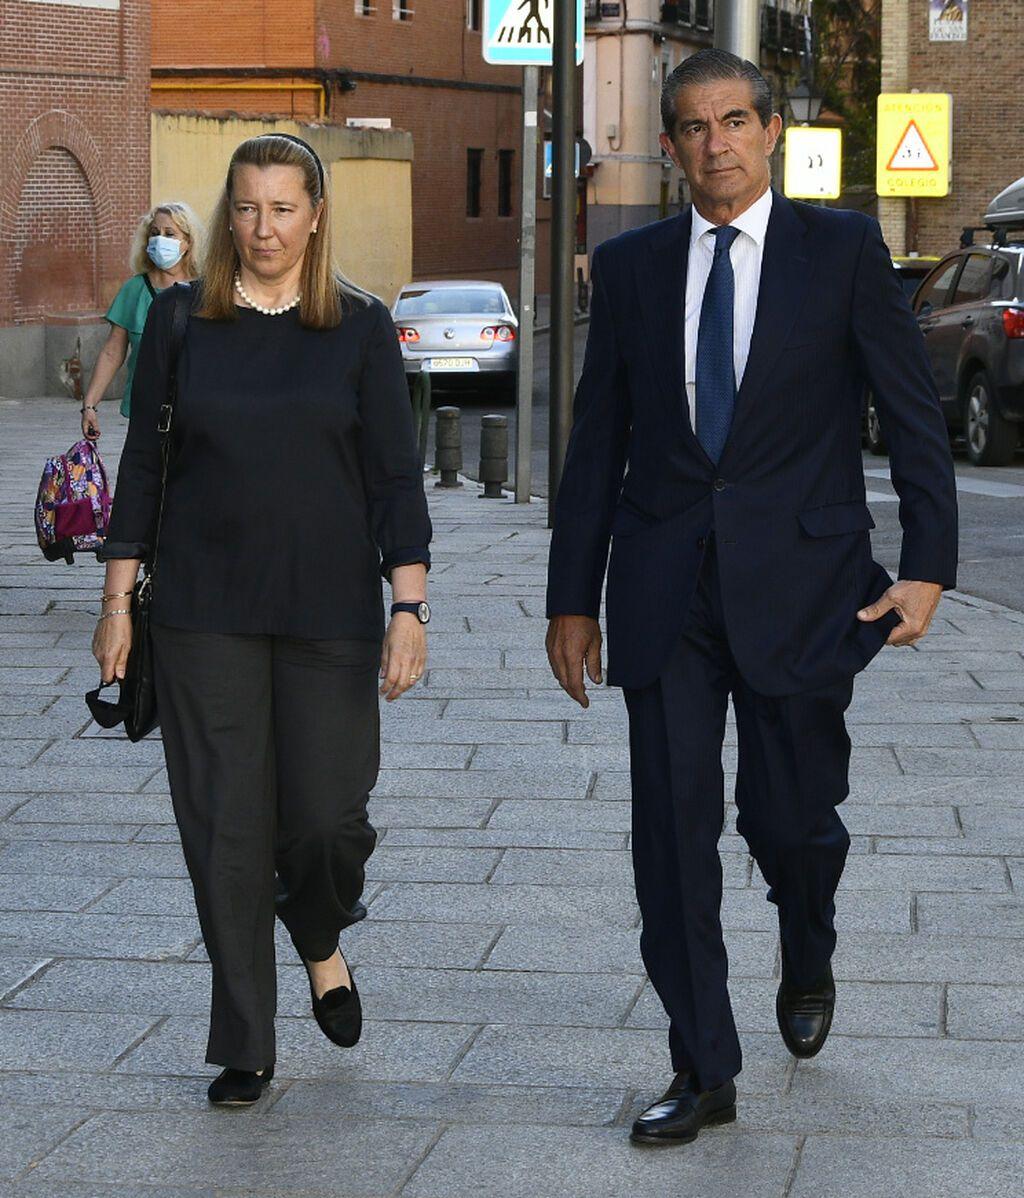 Cristina de Borbón Dos Sicilias y Pedro López-Quesada, también presentes en el homenaje